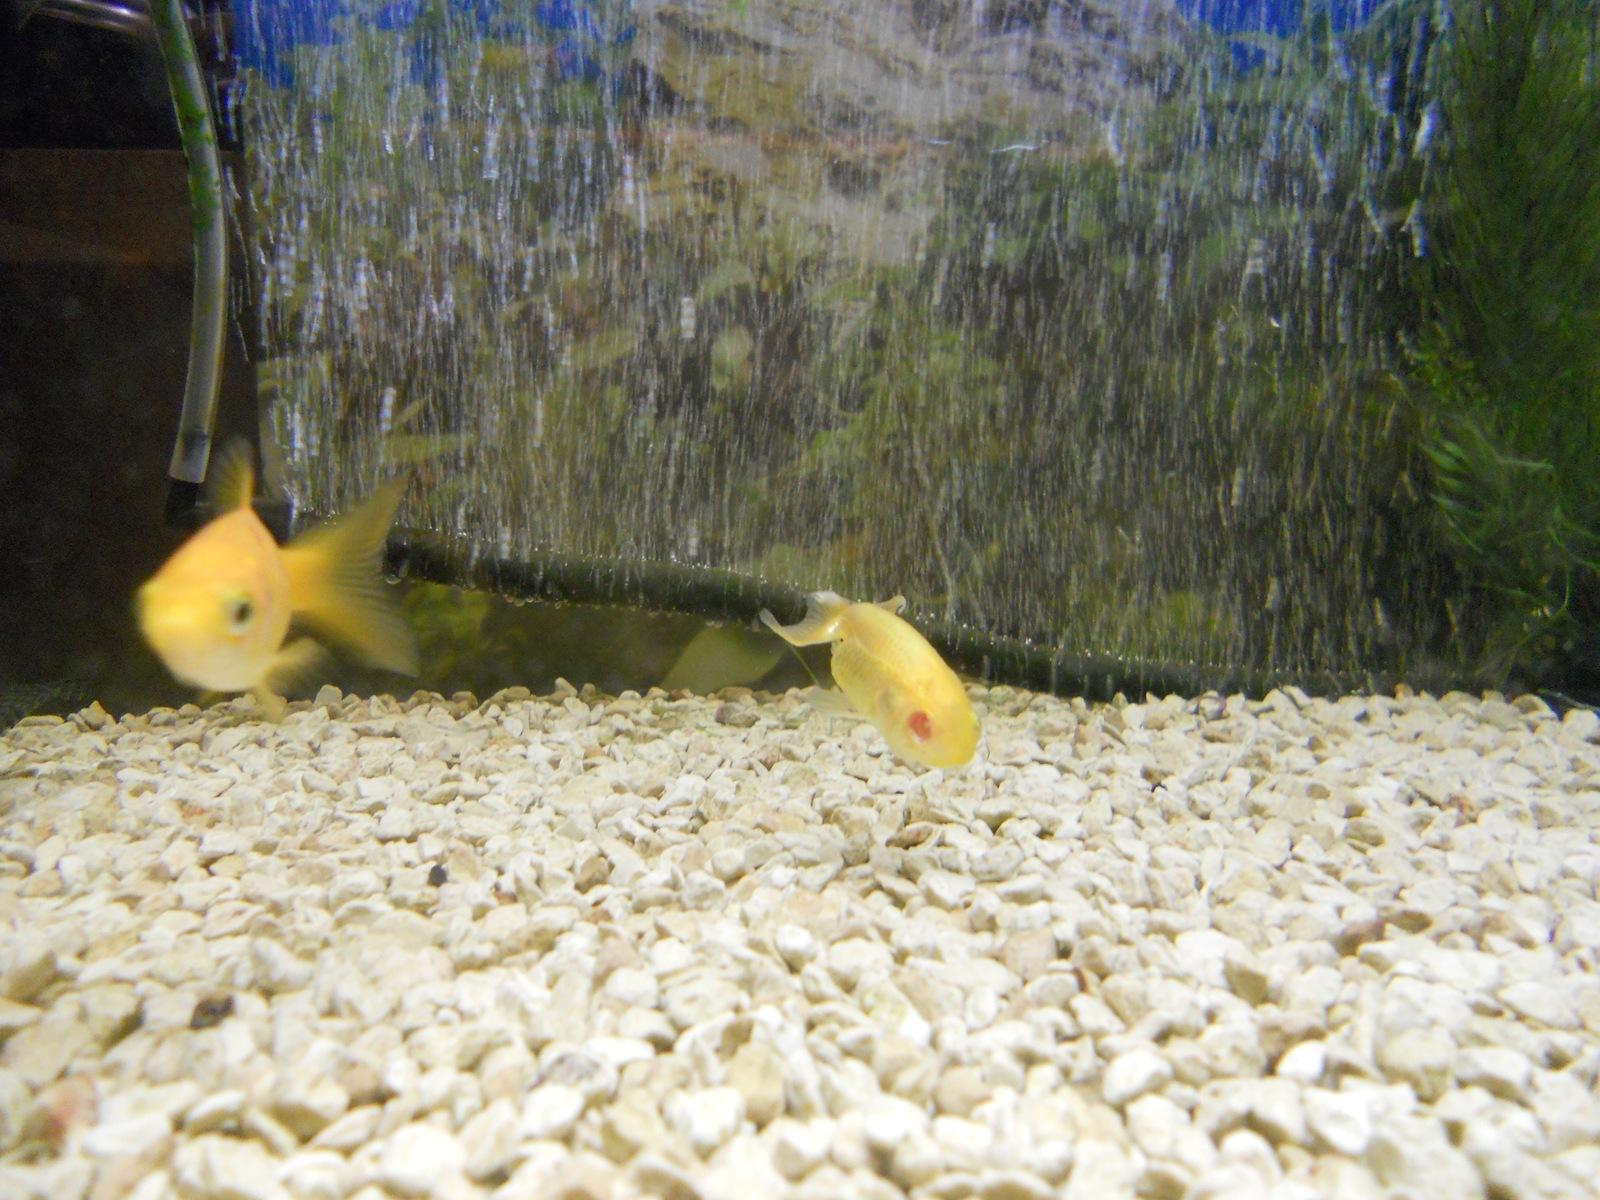 金魚の片眼が失われた!!?